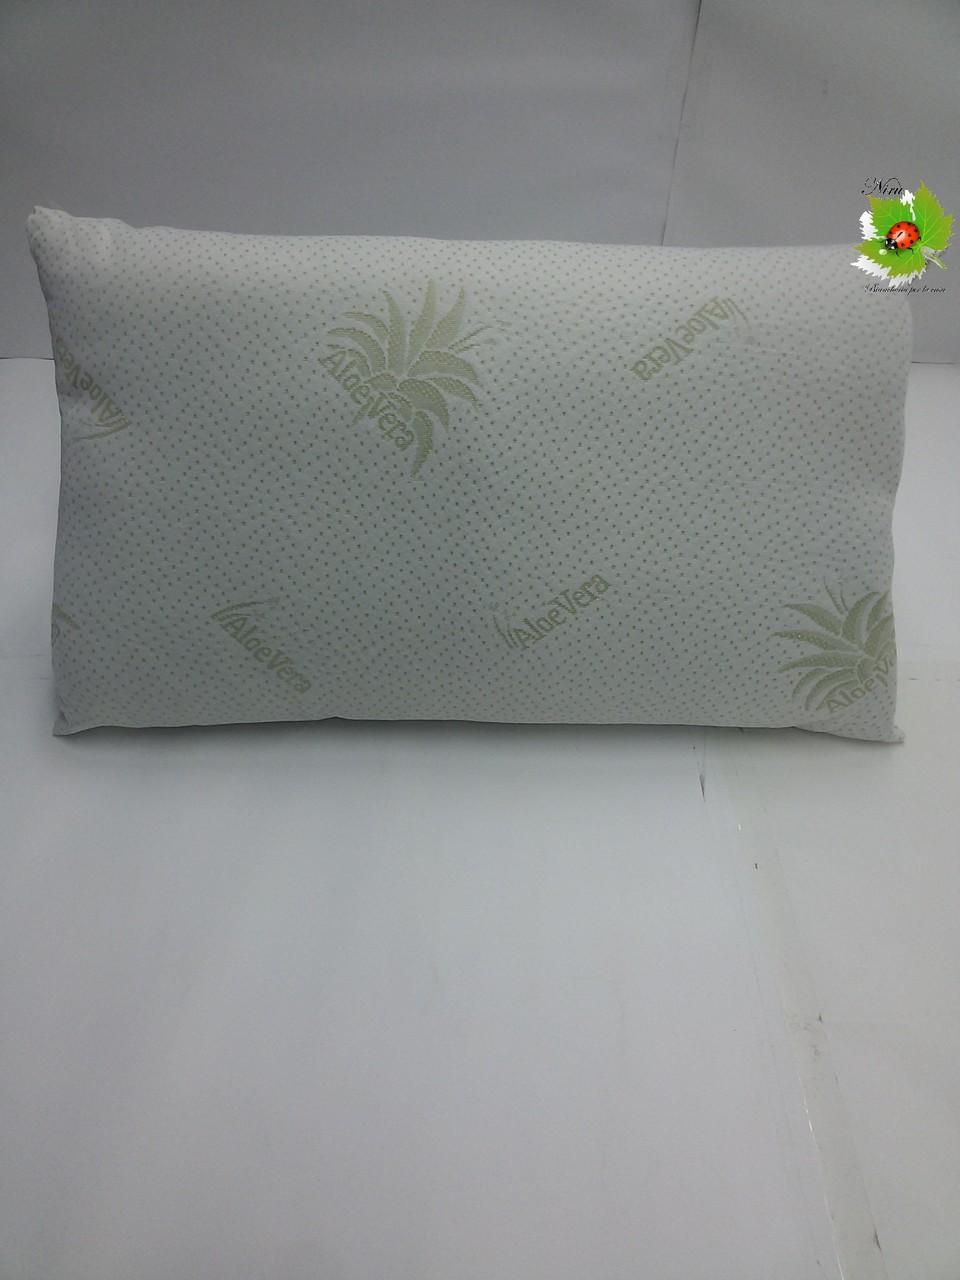 Cuscino guanciale Aloe Vera 43x72 cm.Art.A006